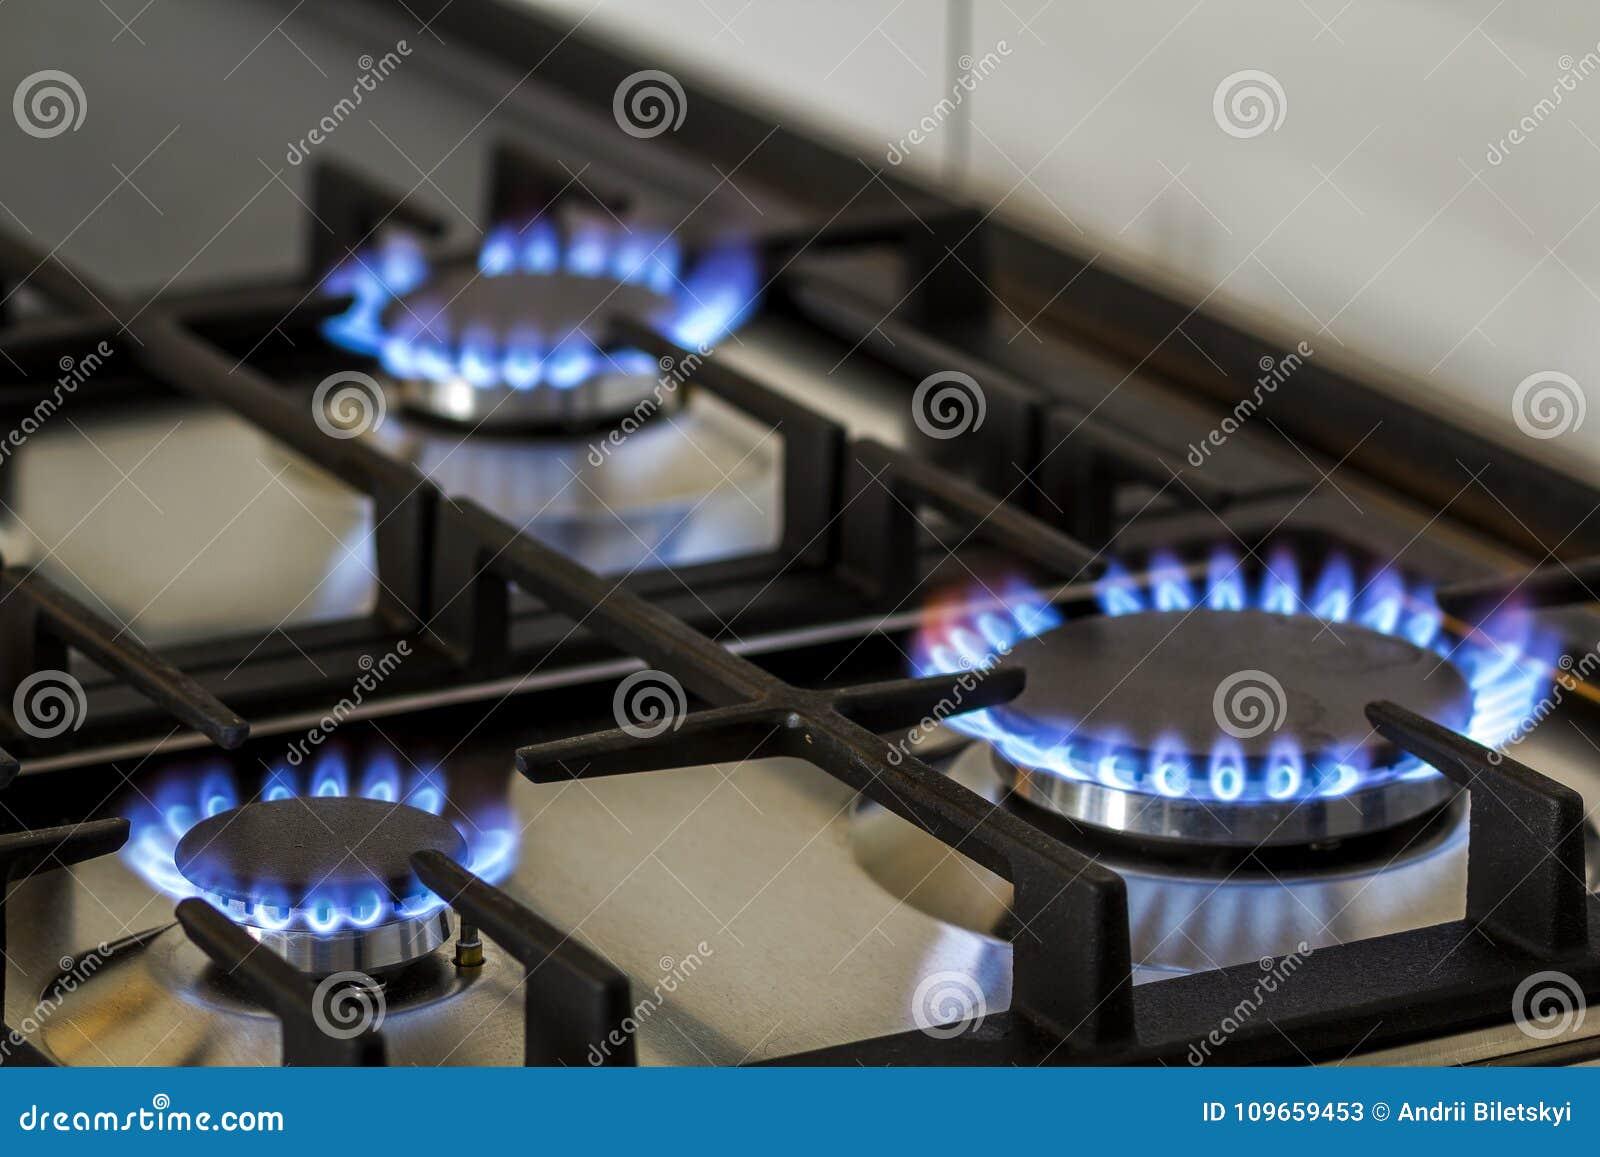 Естественное газосжигательное на газовой плите кухни в темноте Панель от стали с горелкой газового кольца на черной предпосылке,